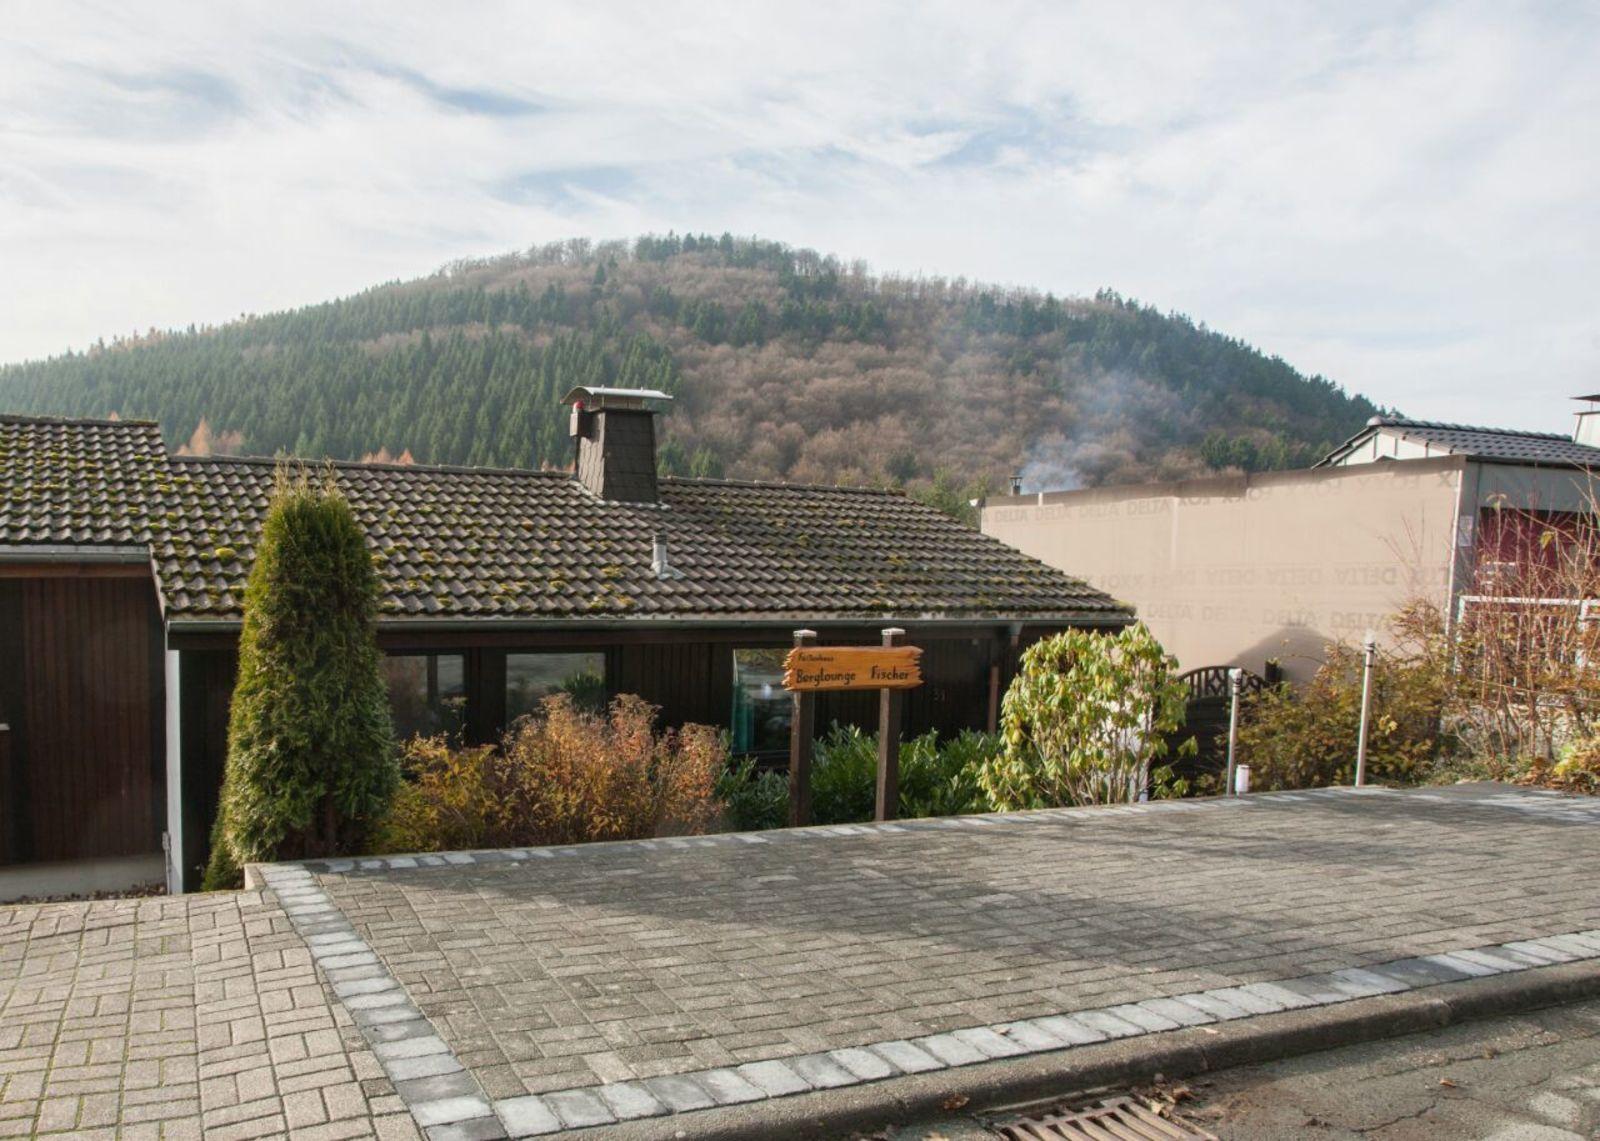 Ferienhaus - Margaritenweg 31-F